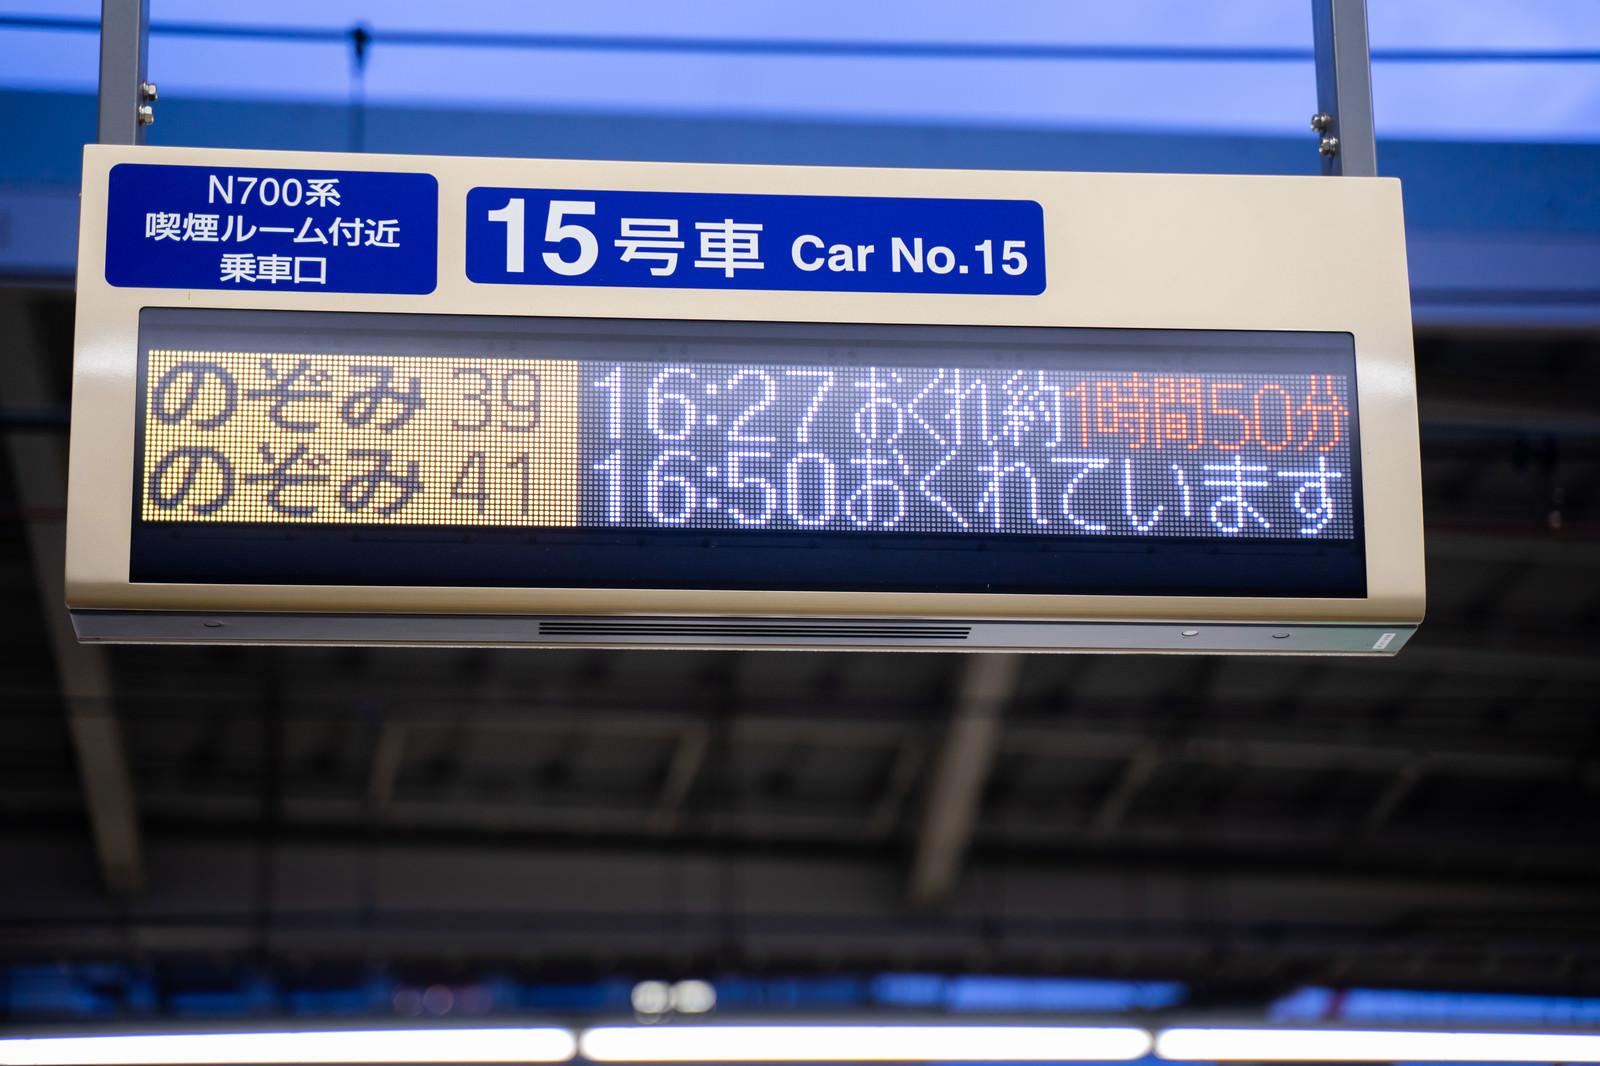 「のぞみ(新幹線)におくれが出てますのぞみ(新幹線)におくれが出てます」のフリー写真素材を拡大